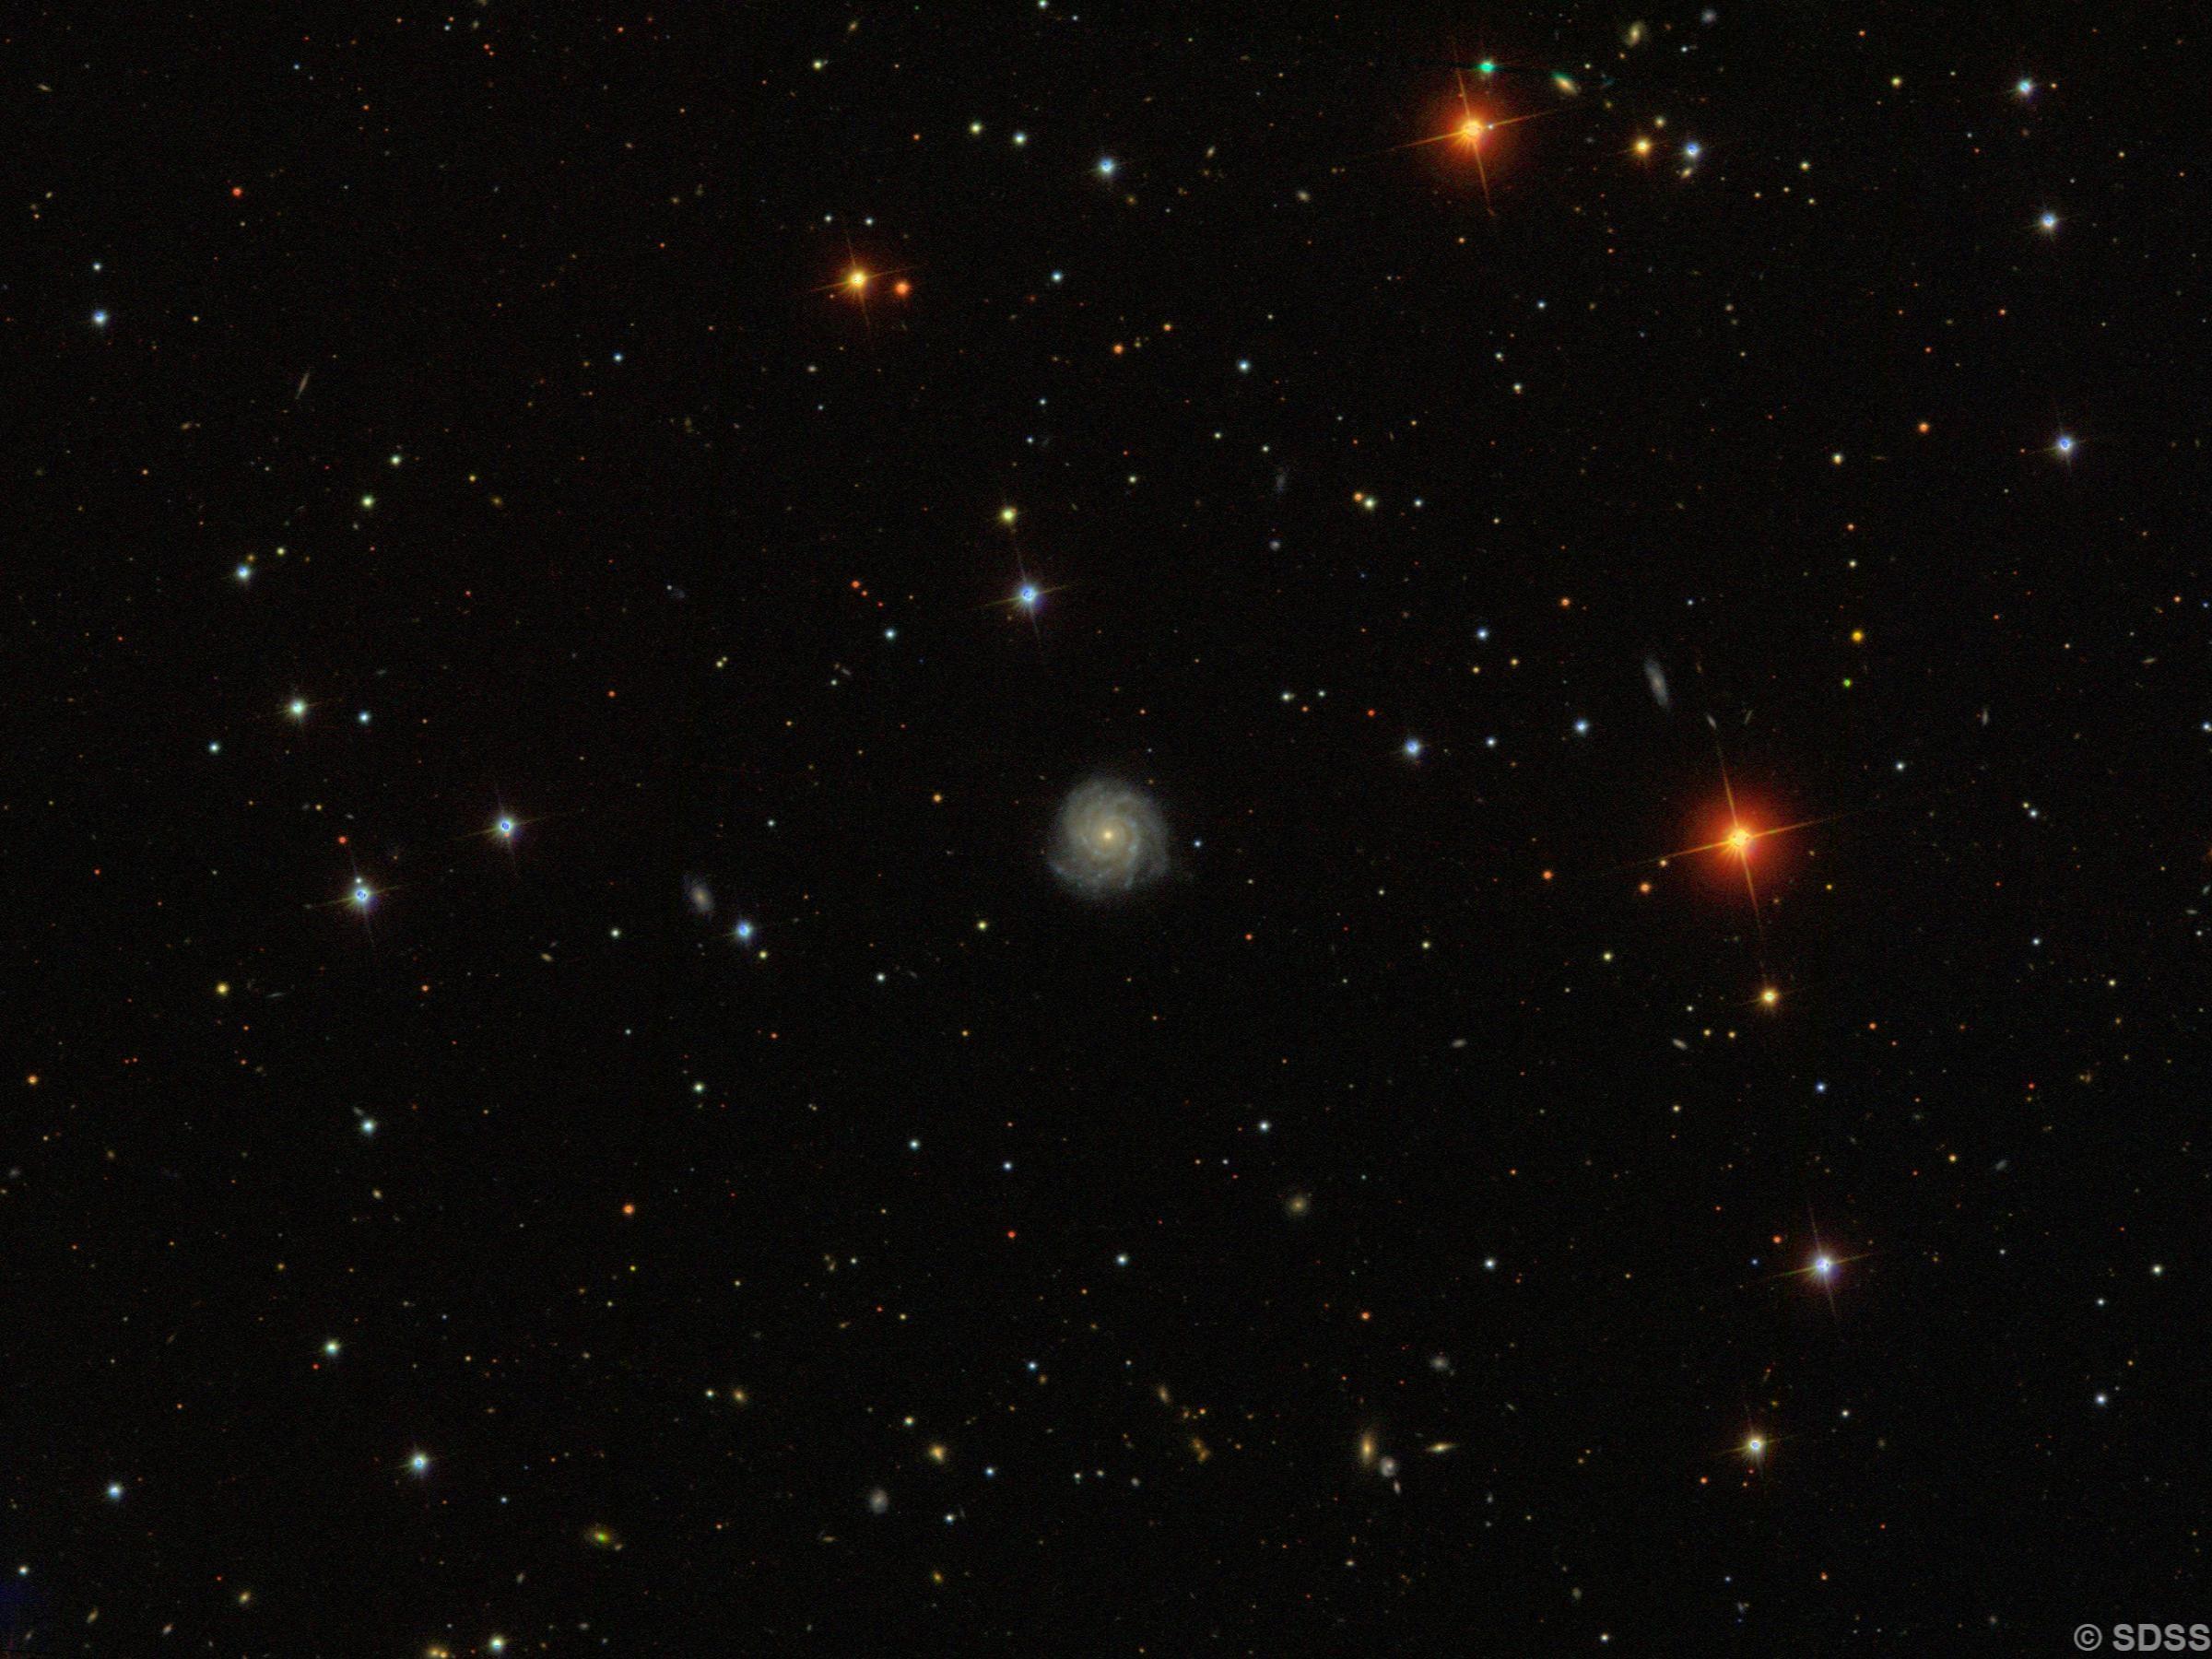 NGC 7442